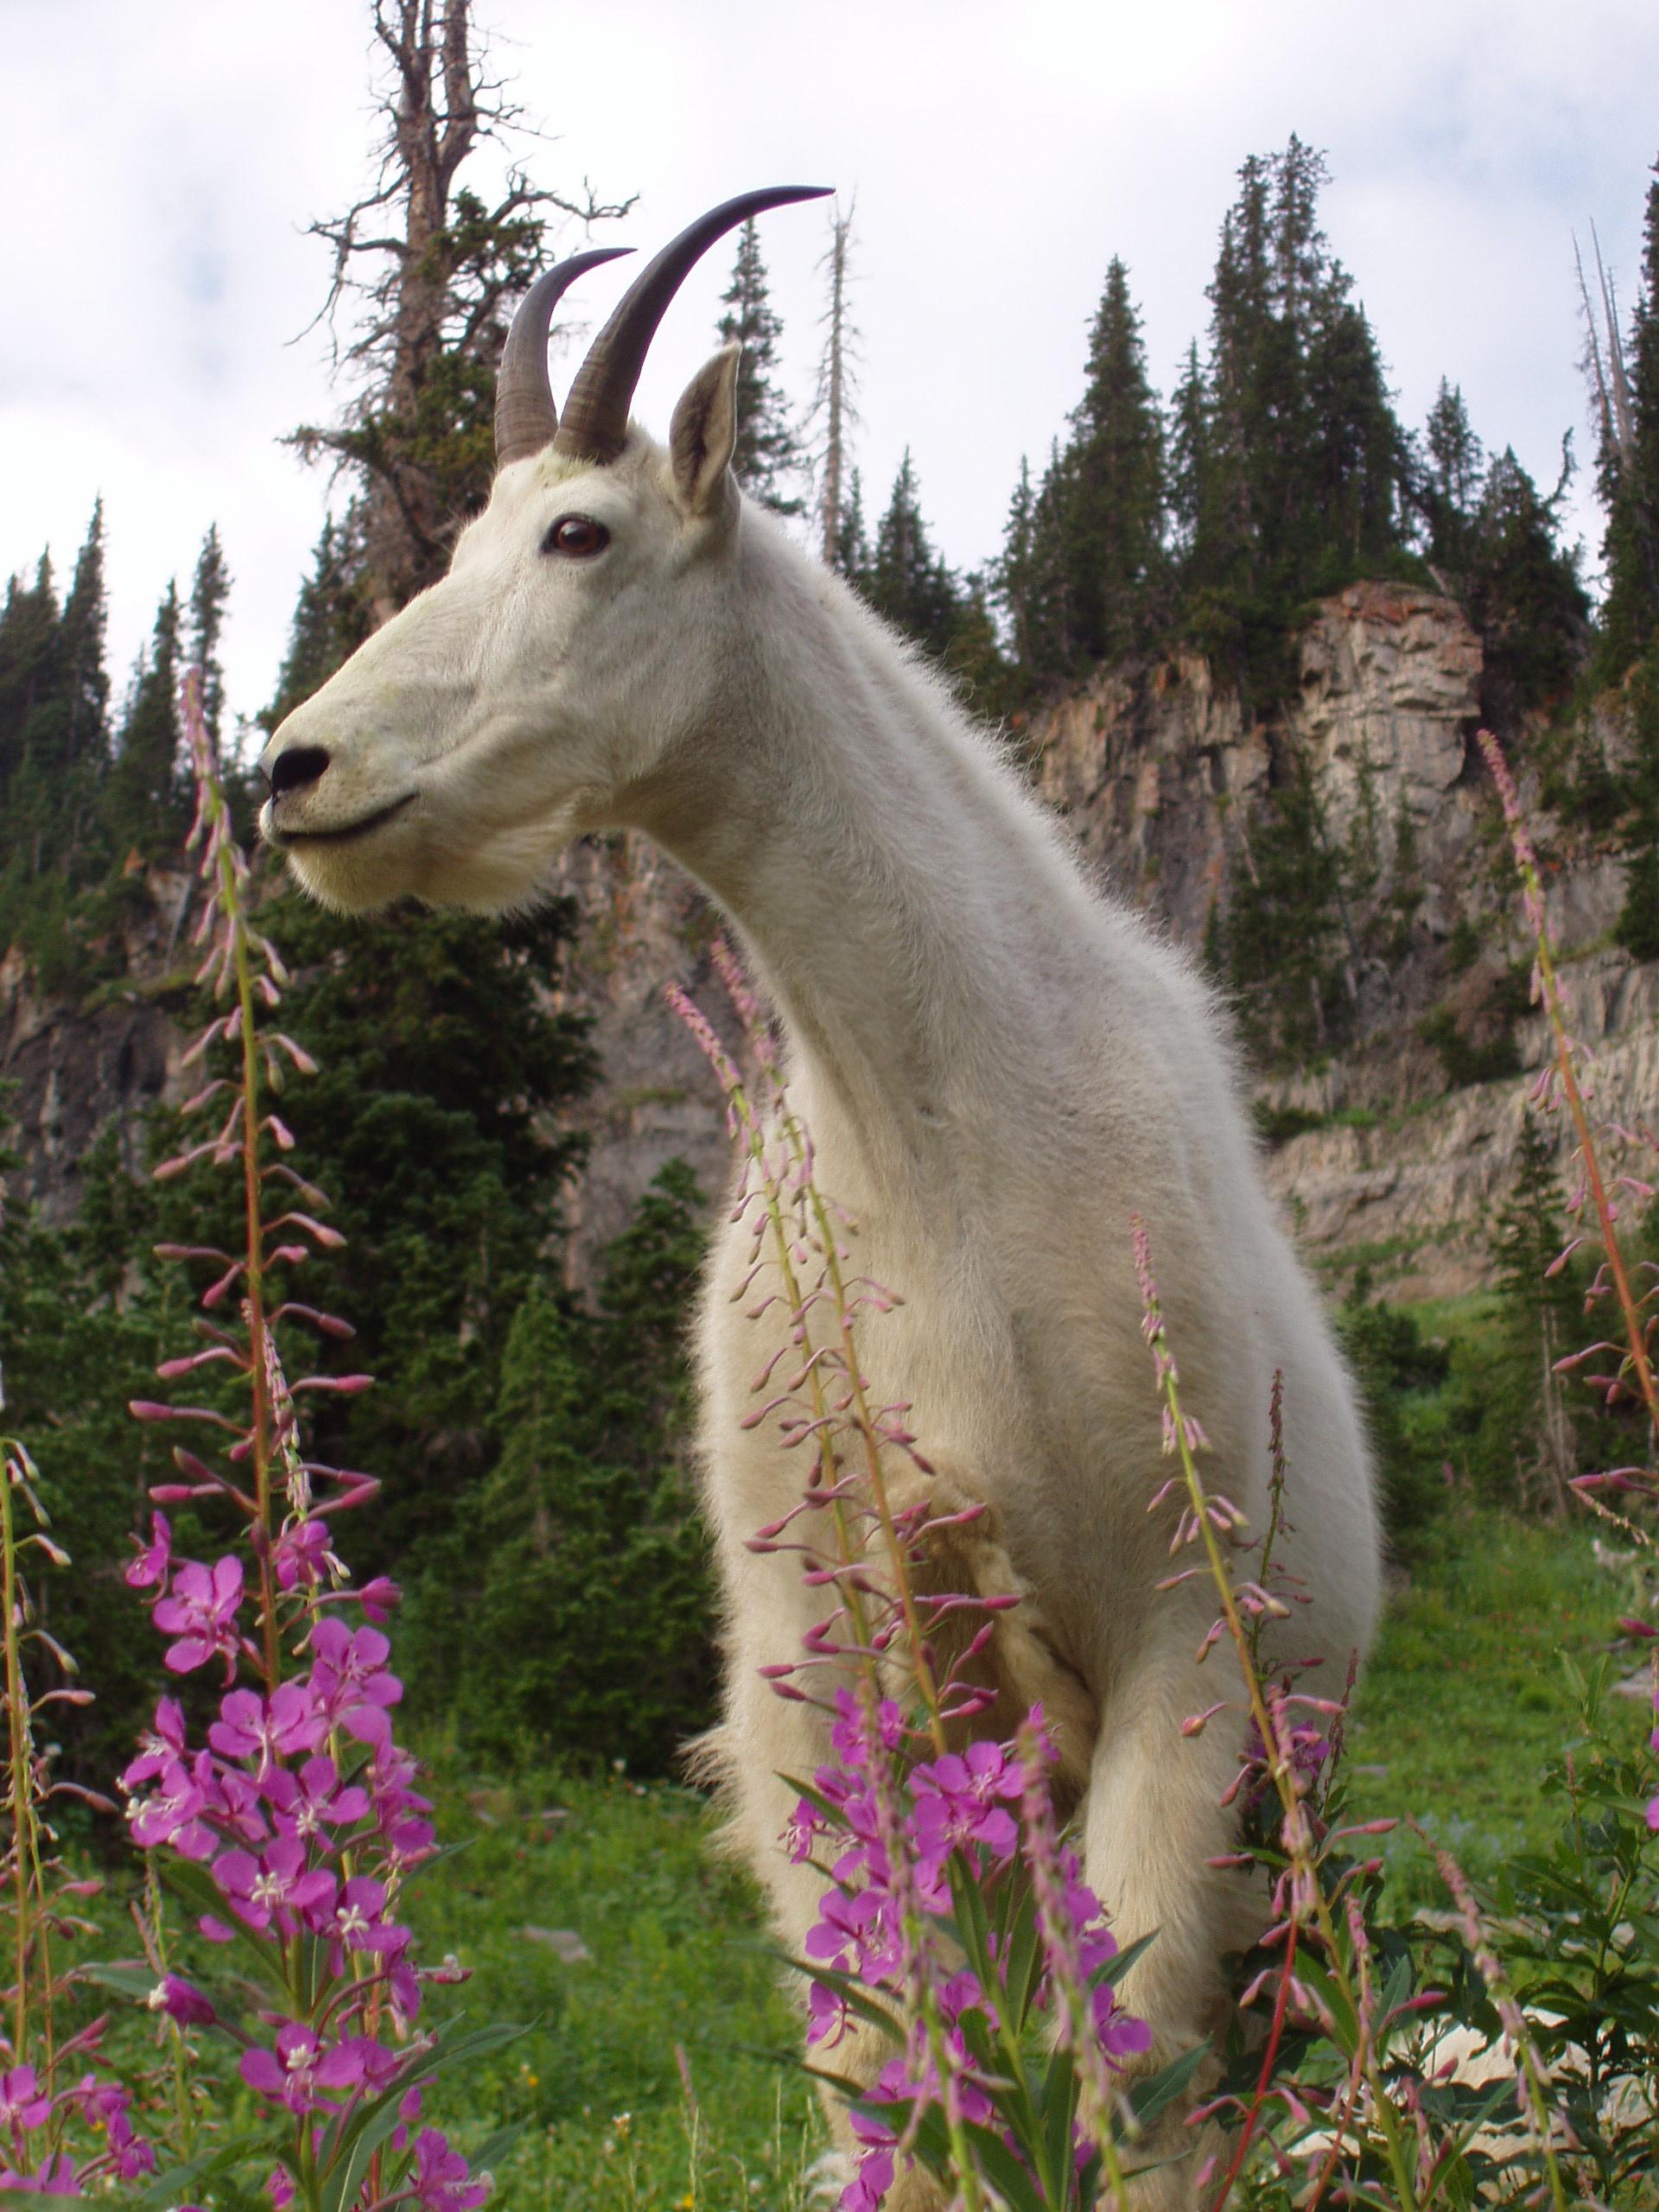 Mountain goat on Mount Timpanogos, Utah, undated | Stock image, St. George News